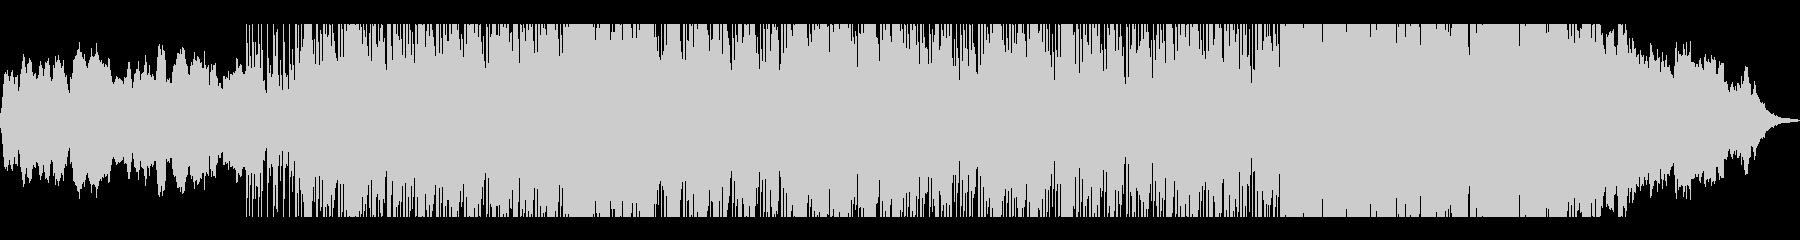 和の雰囲気が漂うバトル系のBGMの未再生の波形